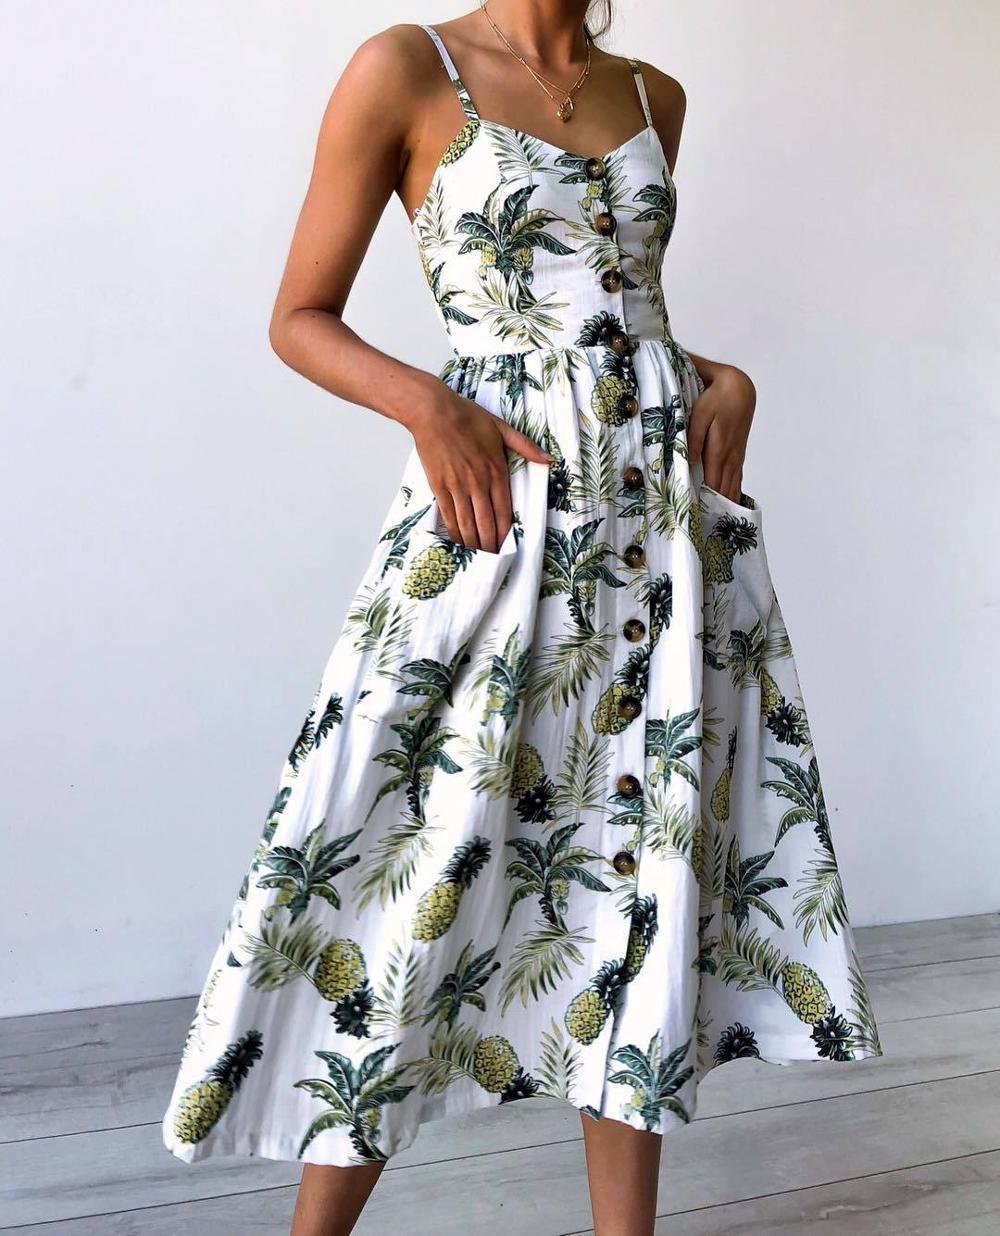 2020 New Women Print Floral Stripe Long dress Sexy V-Neck Sleevele Button Beach Casual Boho Midi Dress Plus Size 3XL